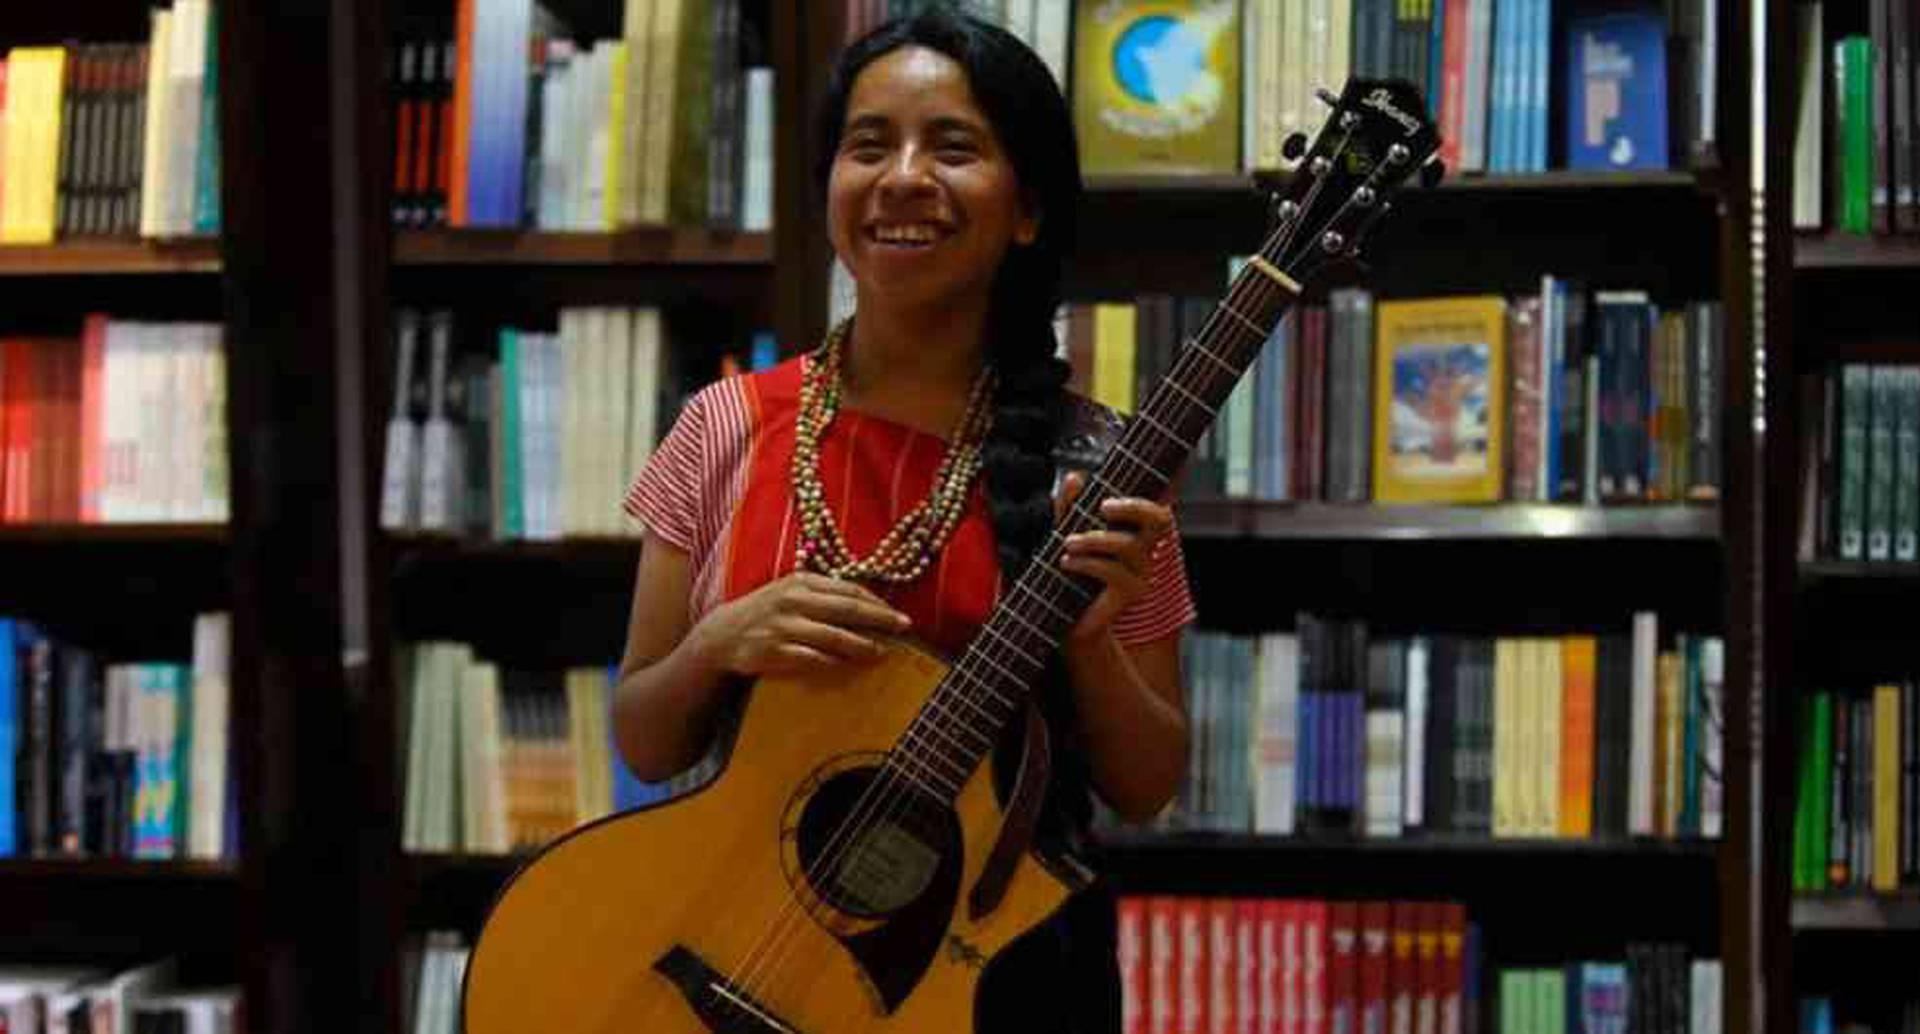 El concierto tendrá lugar a las 6:30 de la tarde, en la Librería Matorral (Carrera 19 #35-55); la entrada es libre.